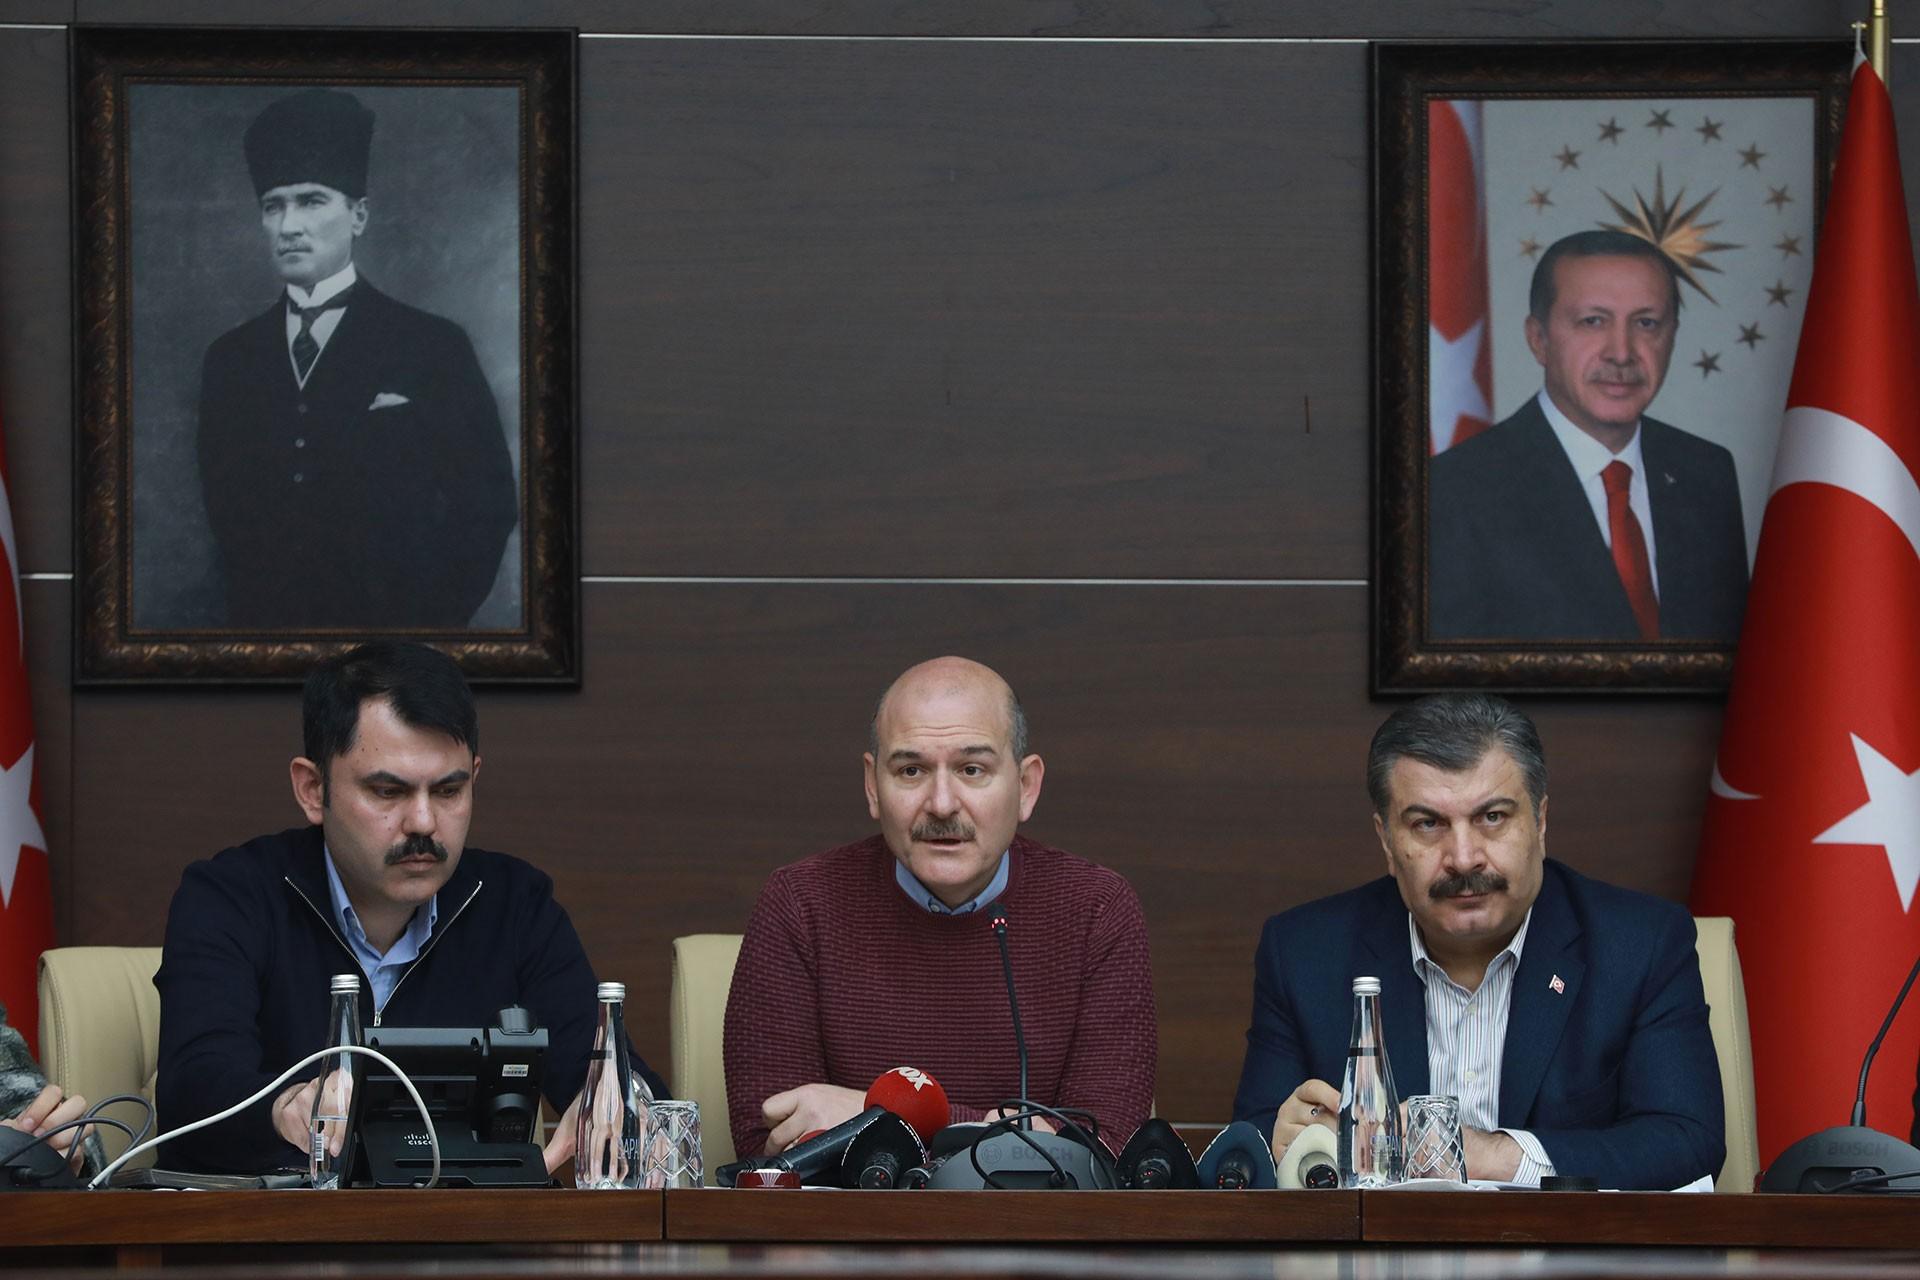 Çevre ve Şehircilik Bakanı Murat Kurum (solda), İçişleri Bakanı Süleyman Soylu (ortada) ve Sağlık Bakanı Fahrettin Koca (sağda)